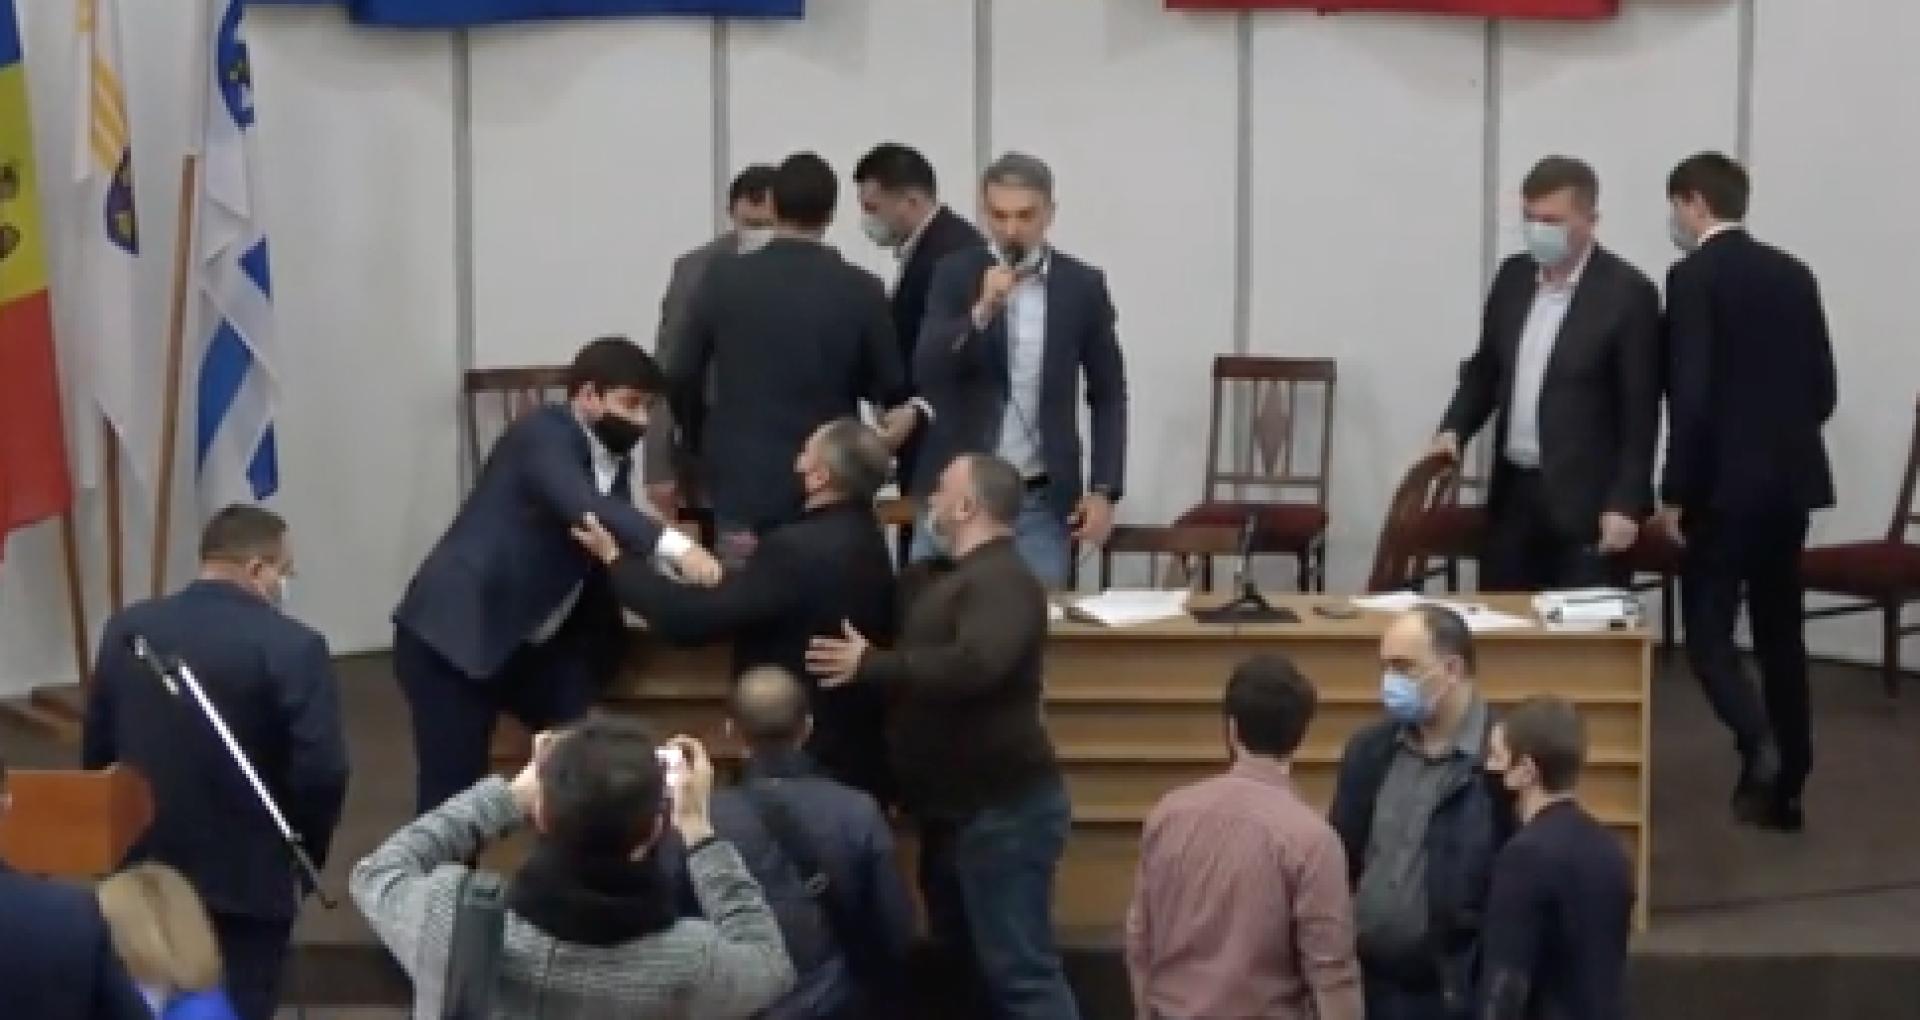 """VIDEO/ Bătaie în timpul ședintei CMC: în timp ce unii consilieri municipali votează, alții își împart pumni: """"Poliția, chemați vă rog poliția"""""""